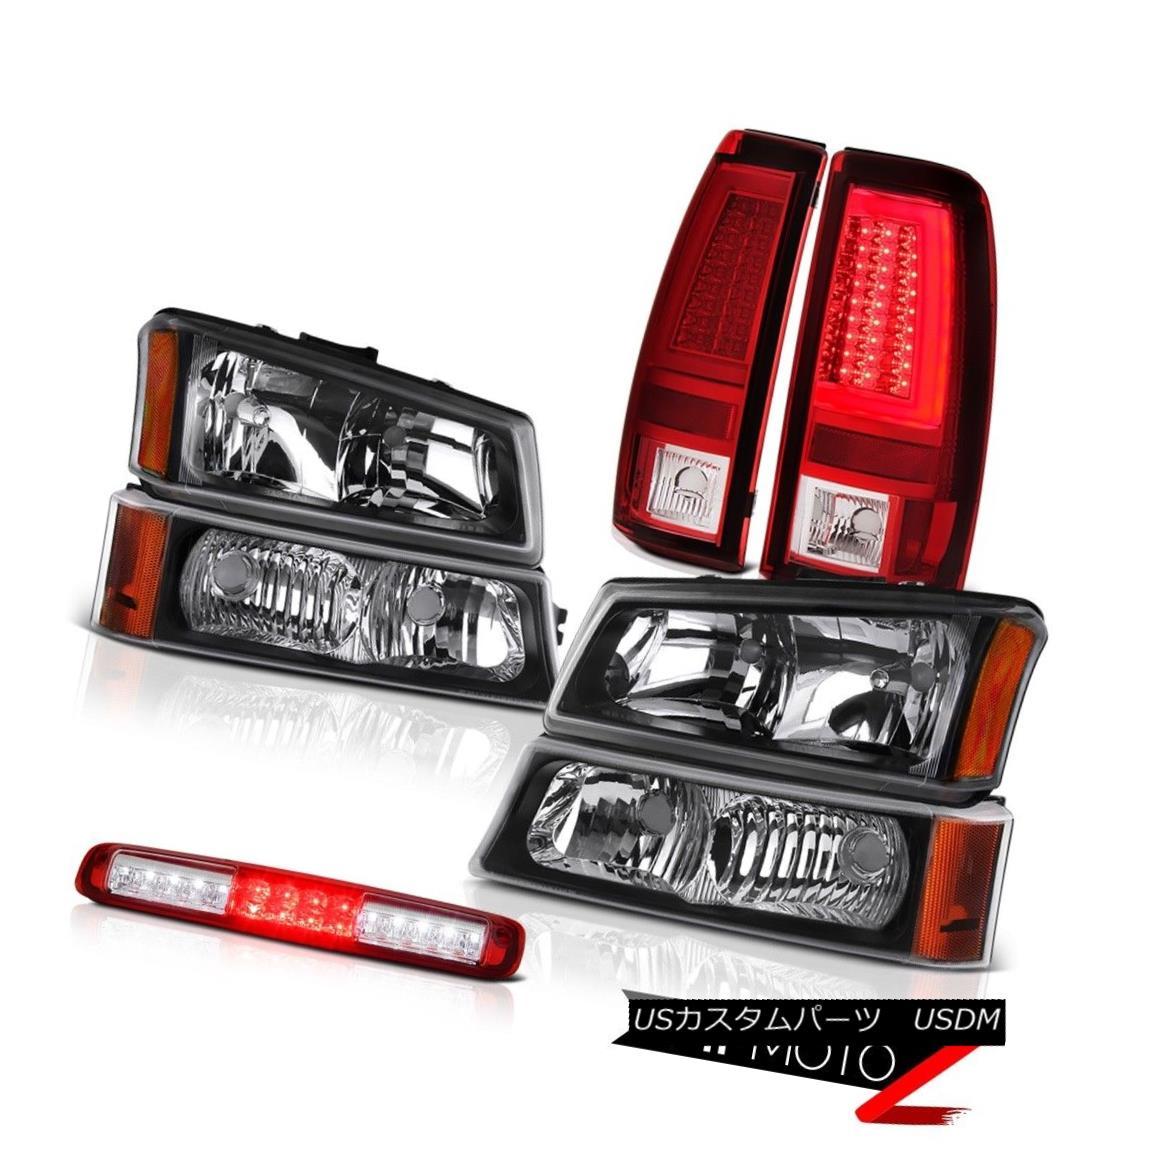 ヘッドライト 03-06 Silverado Red Taillamps Inky Black Headlamps High Stop Lamp